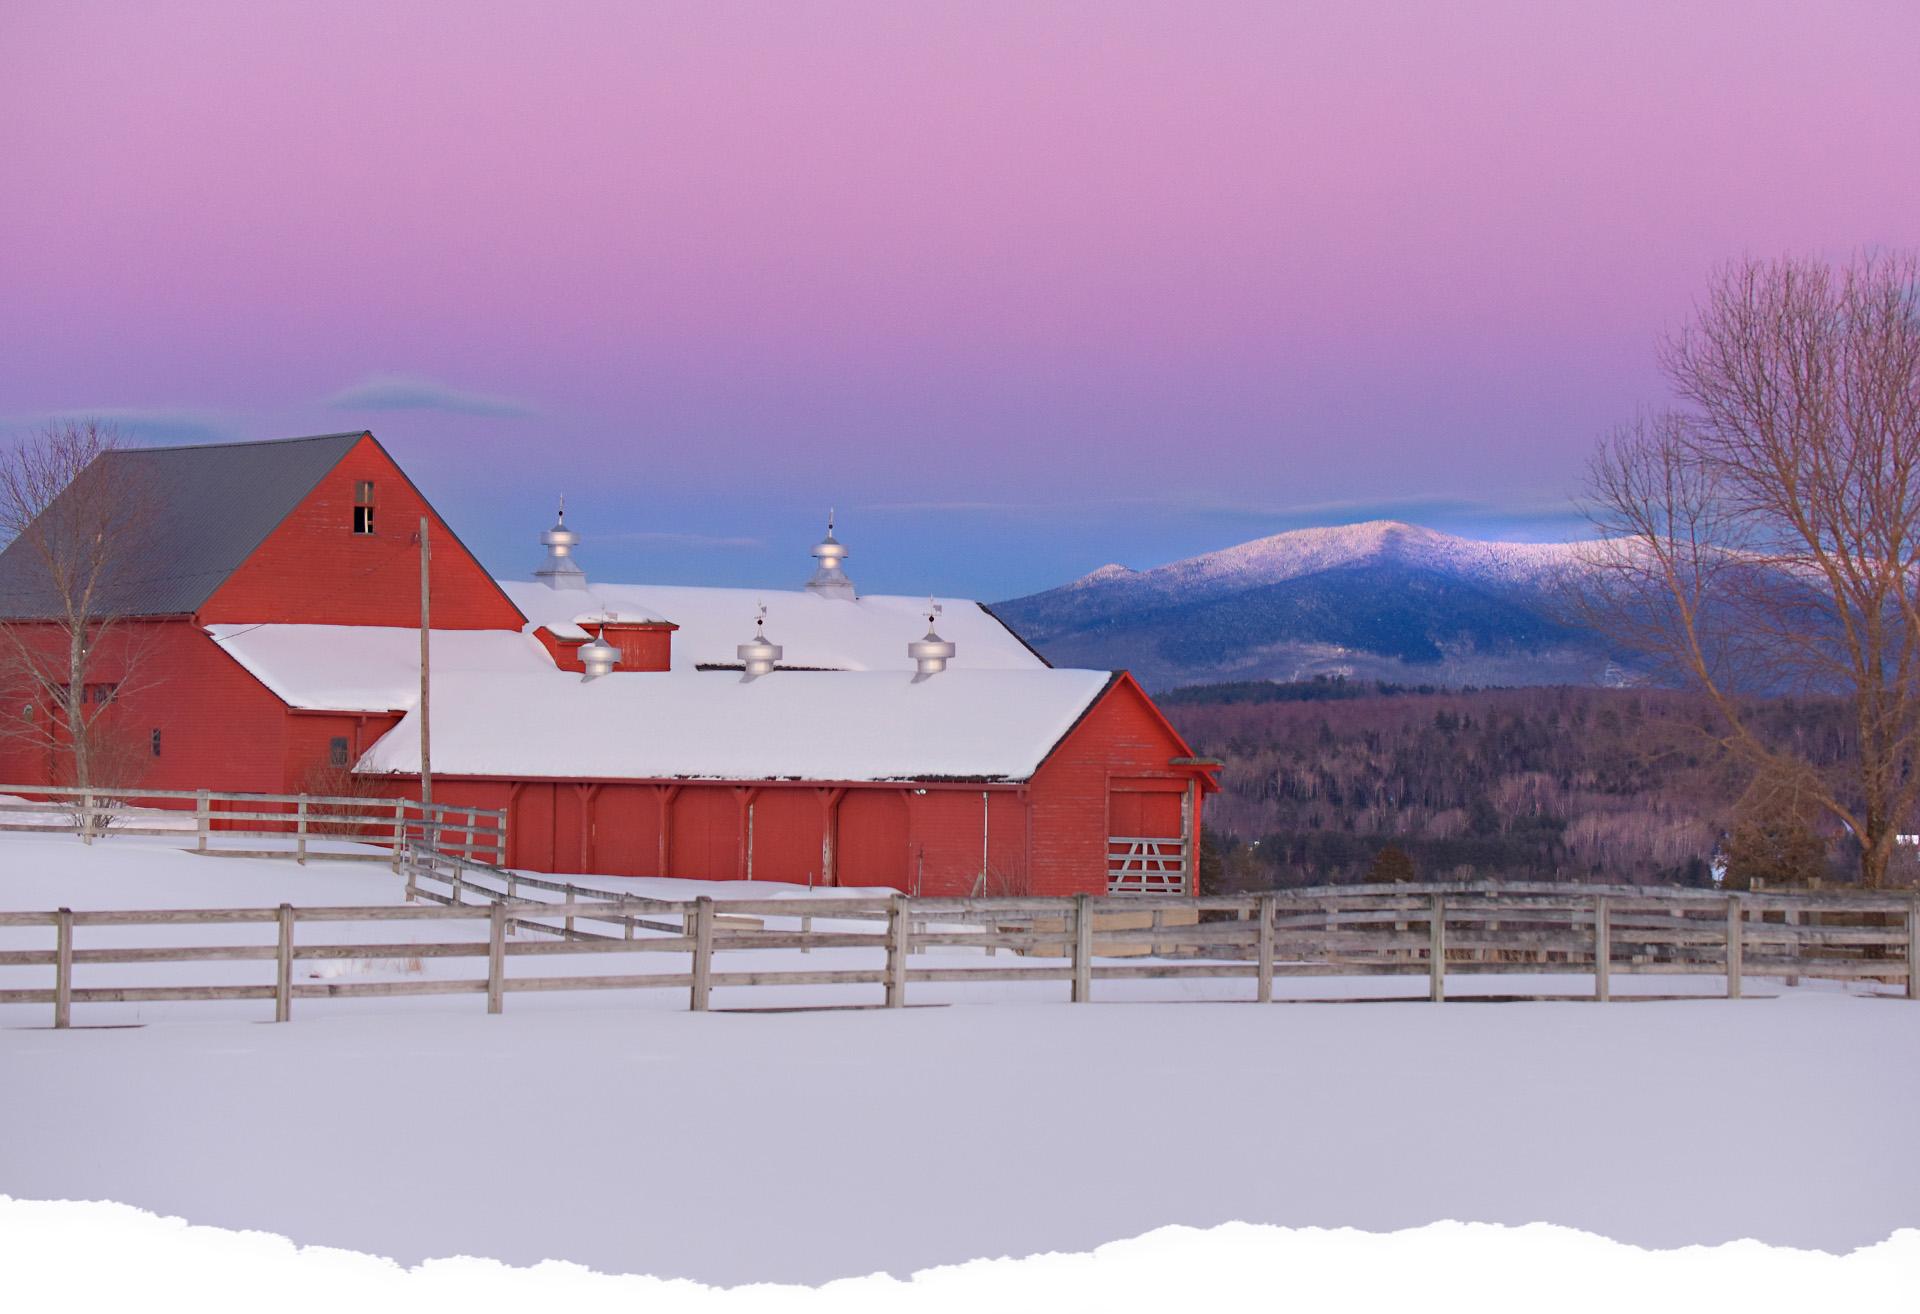 Bethlehem, New Hampshire during Winter